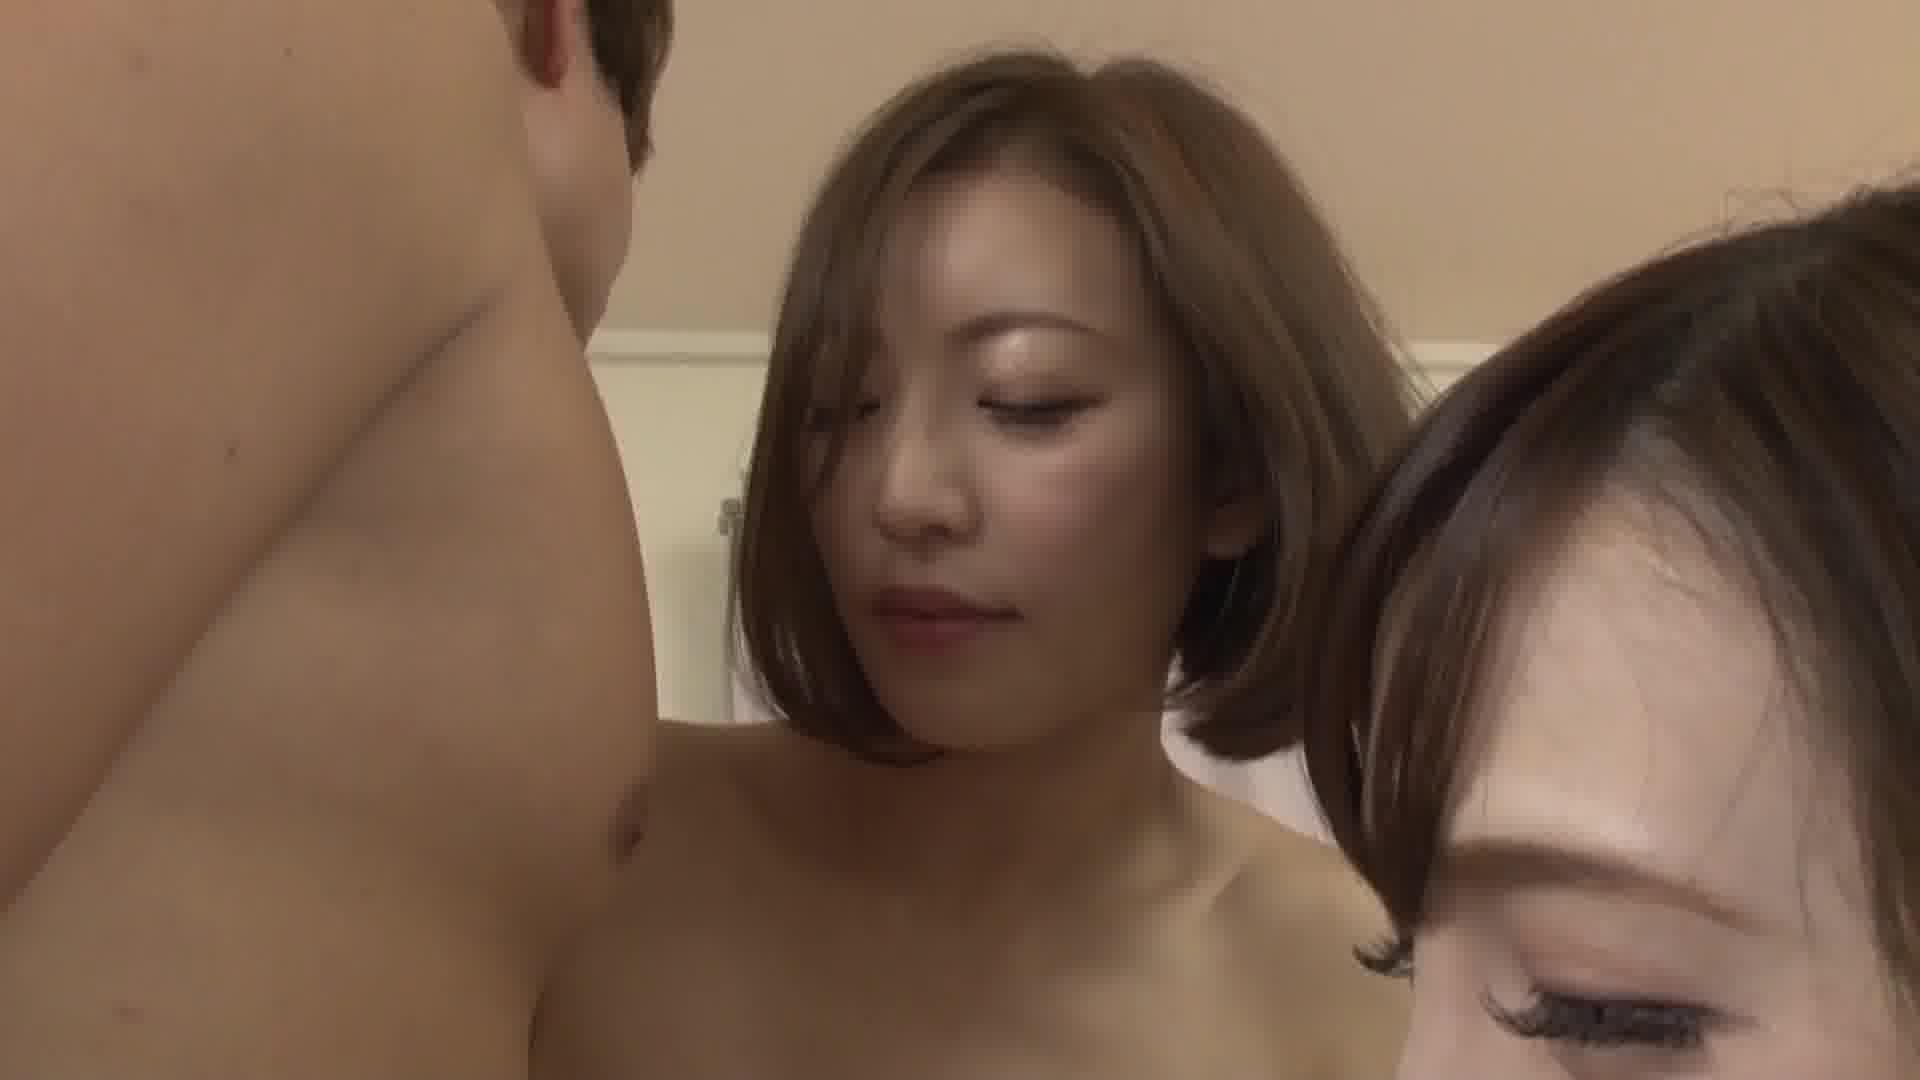 究極スワッピング願望を叶えよう ~僕の奥さんエロいだろ~ – HITOMI【痴女・乱交・中出し】